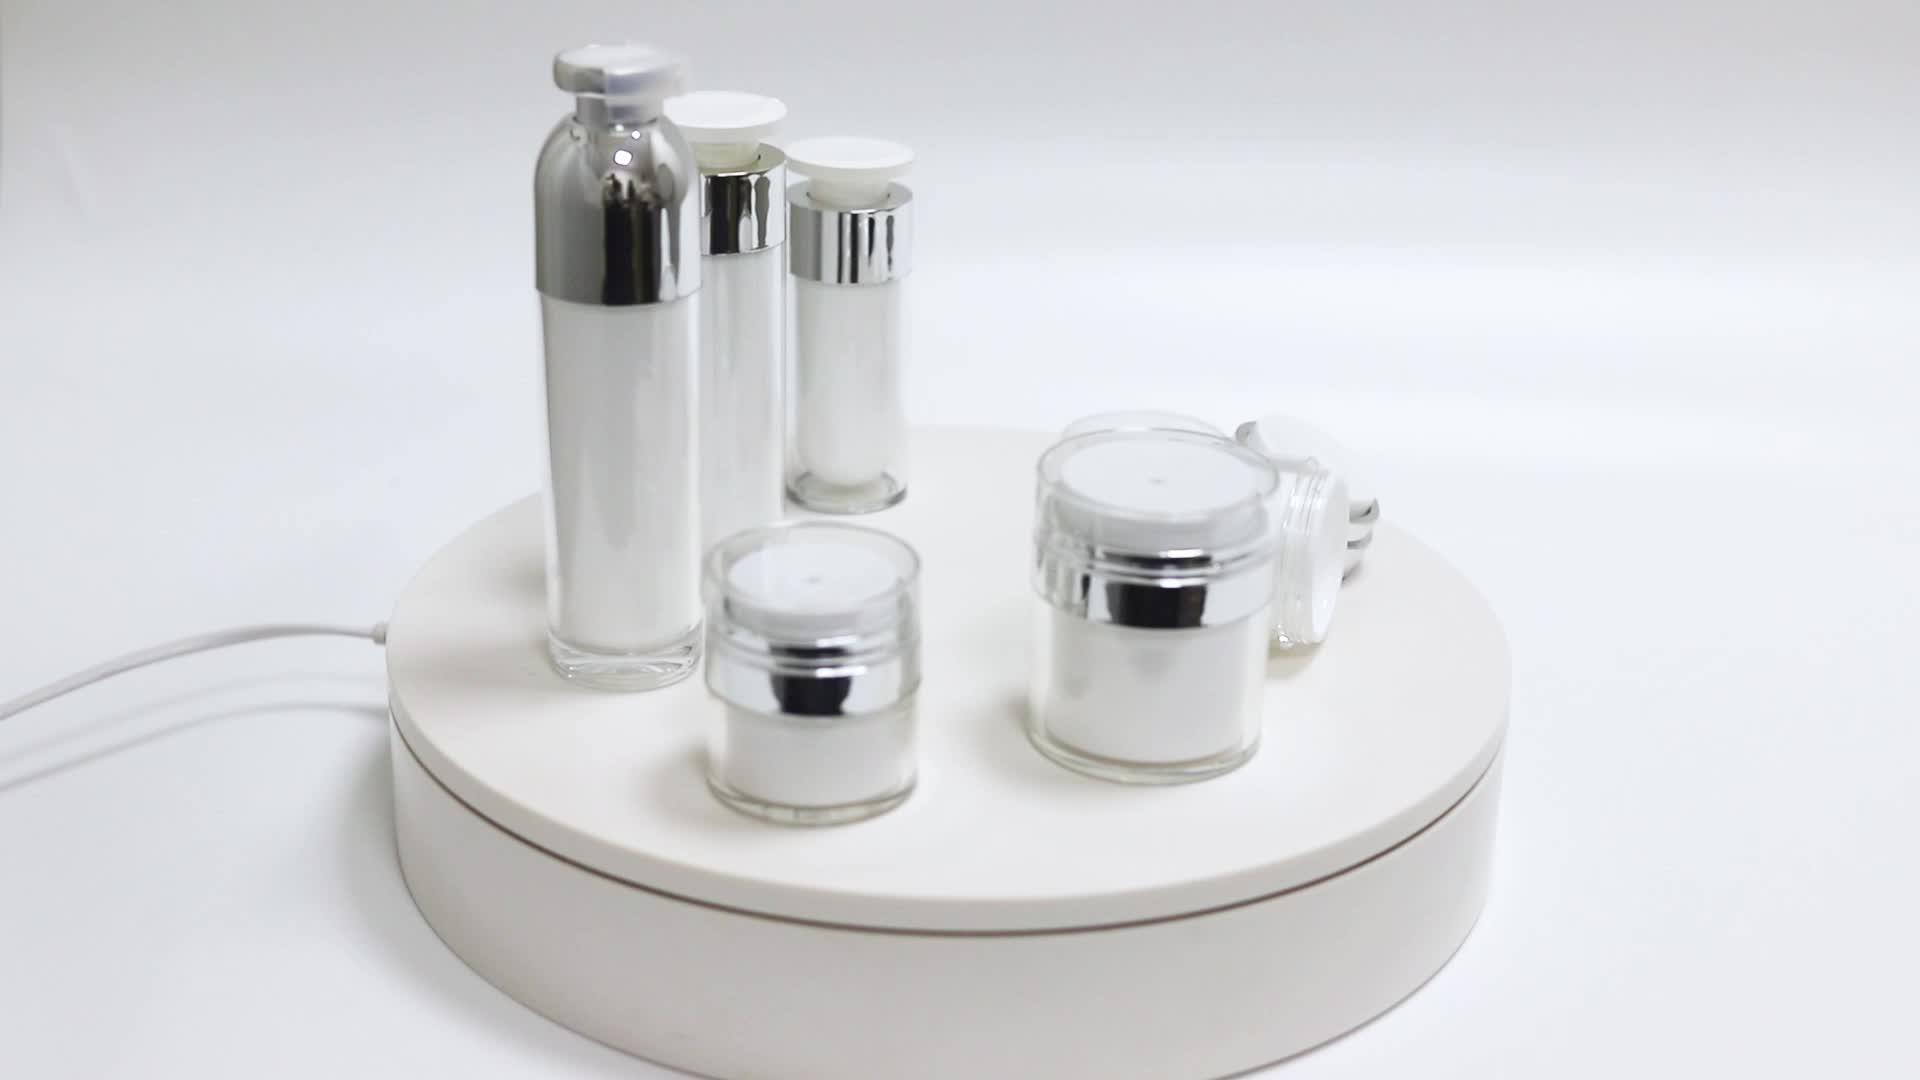 ホット販売シリンダープラスチックアクリルエアレスローションボトルボトルとポンプ顔クリーム瓶